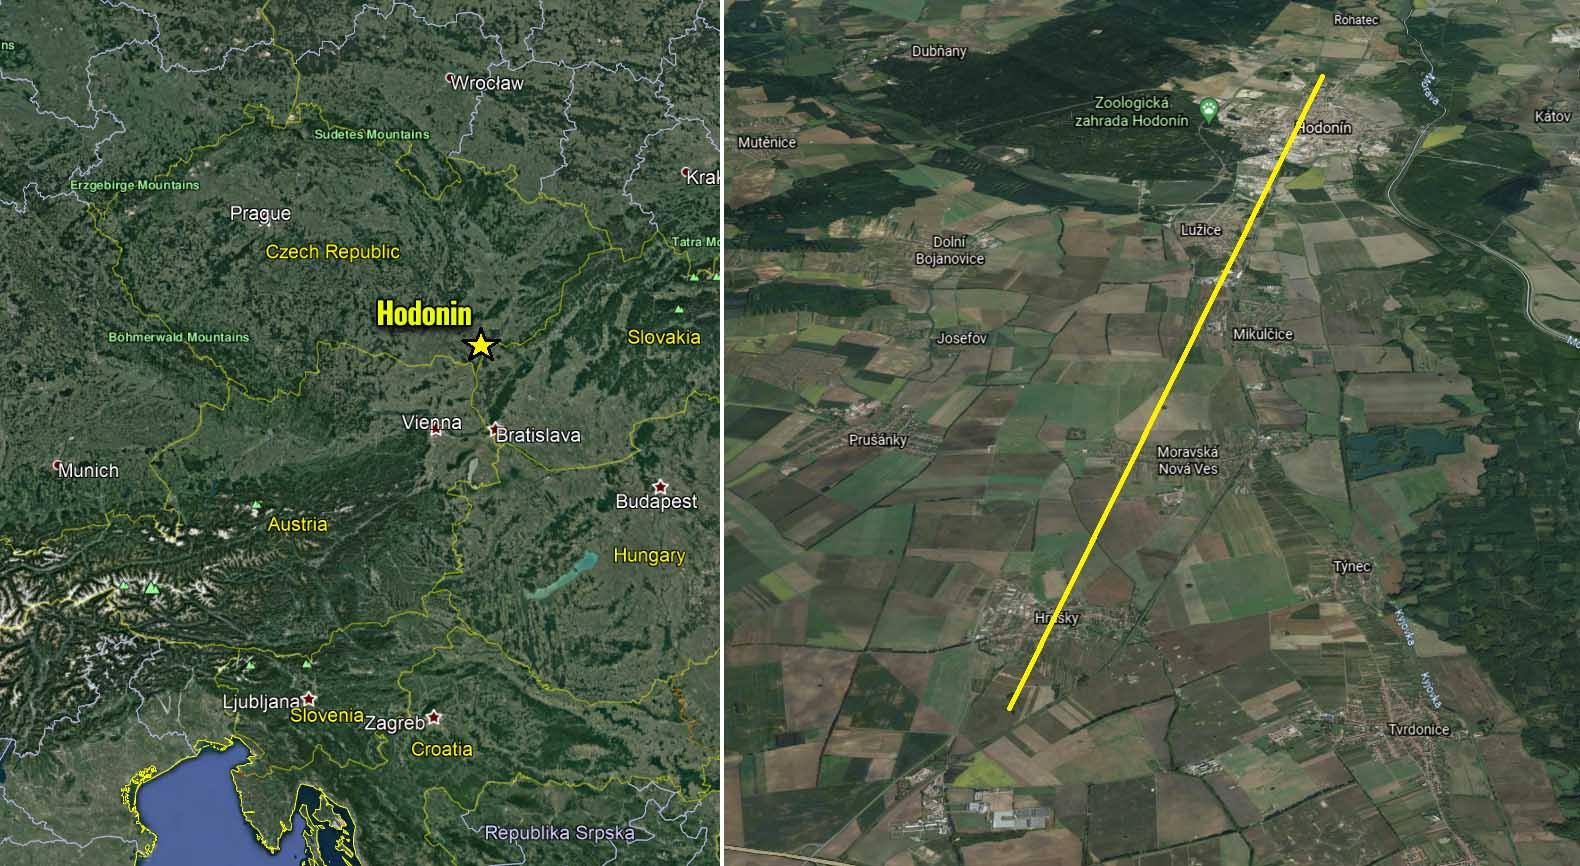 europe-severe-weather-tornado-hodonin-czech-republic-path